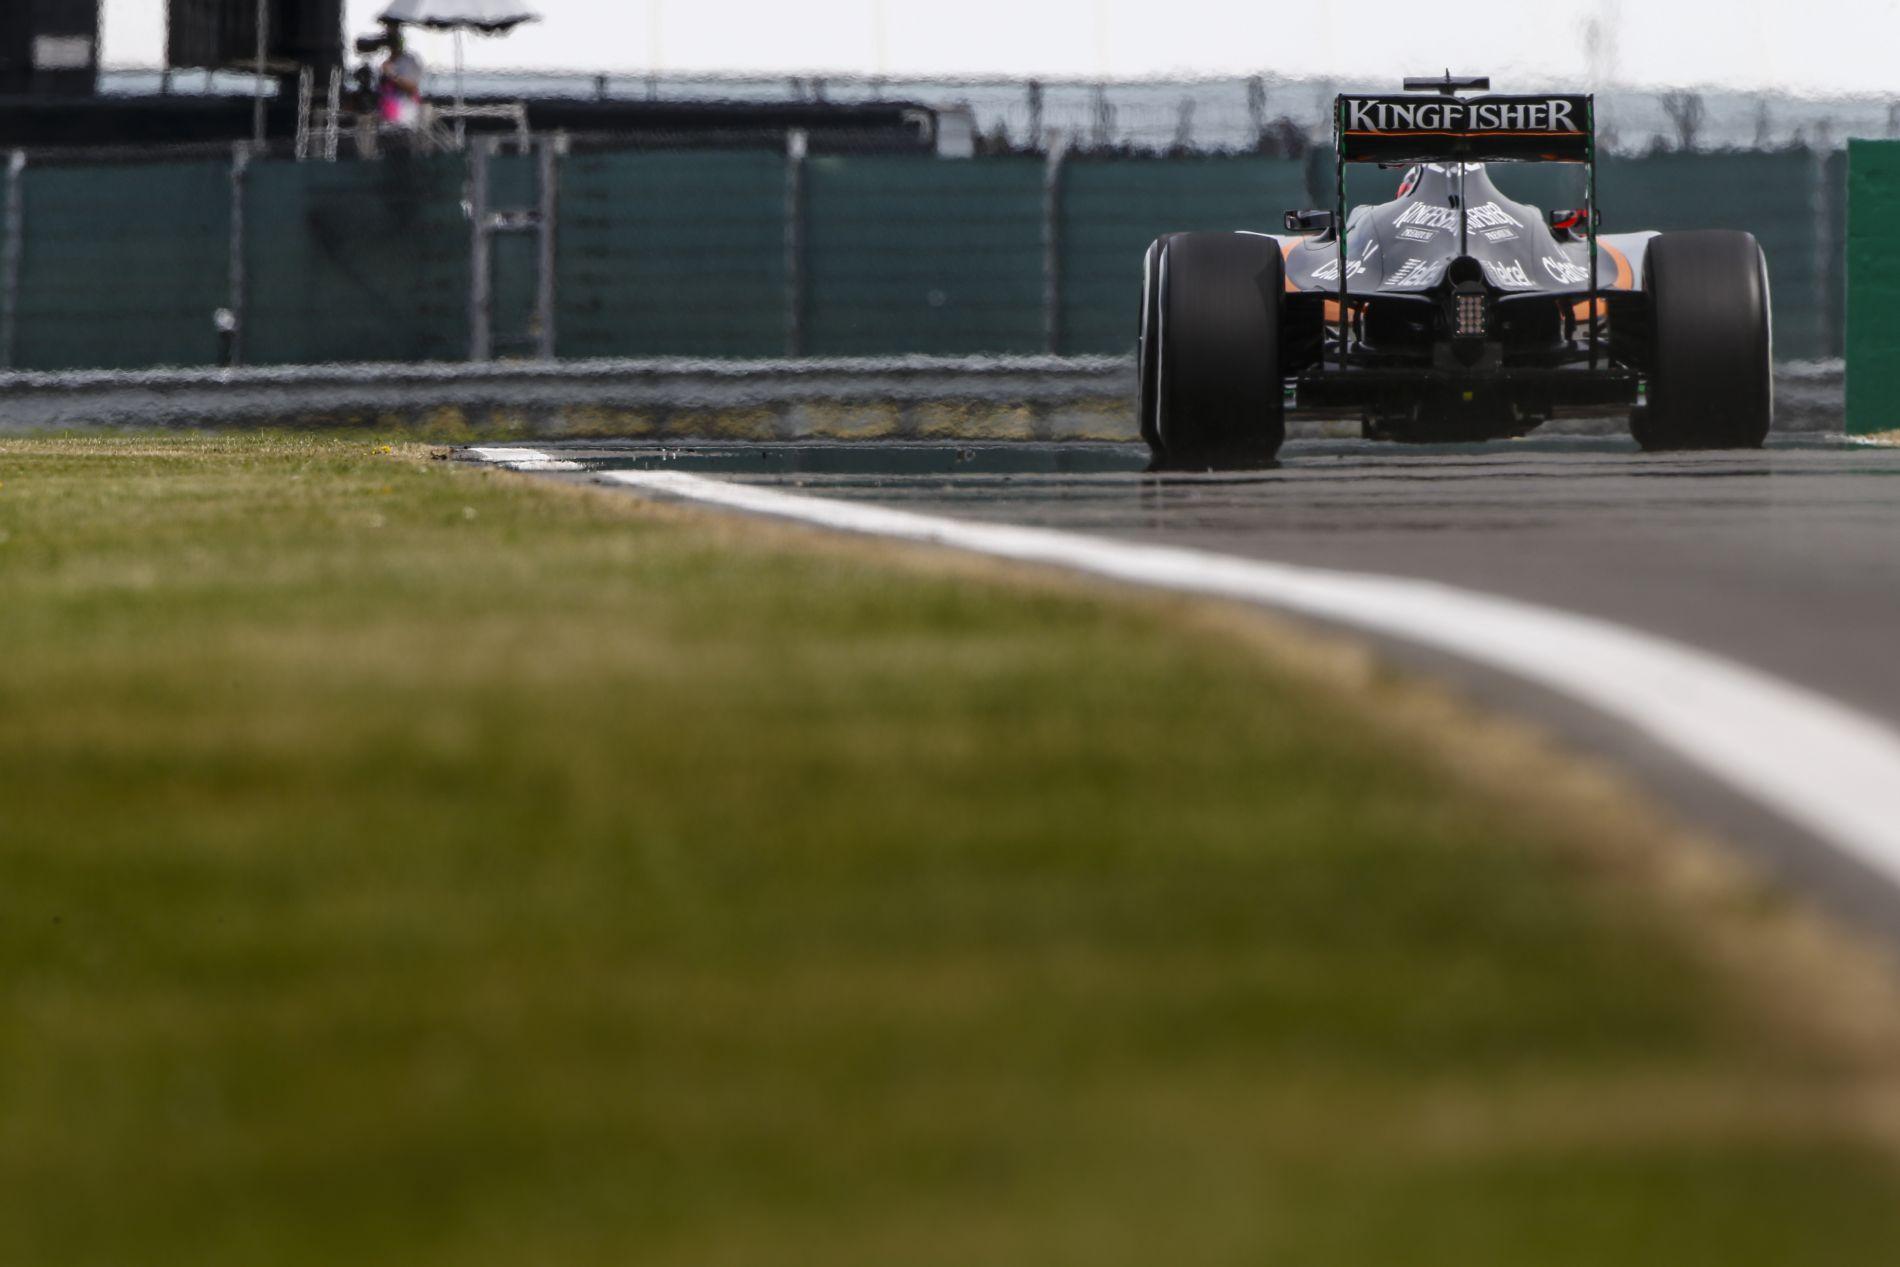 A Magyar Nagydíj mindig is cool volt: erős eredményre hajtanak a Force India versenyzői